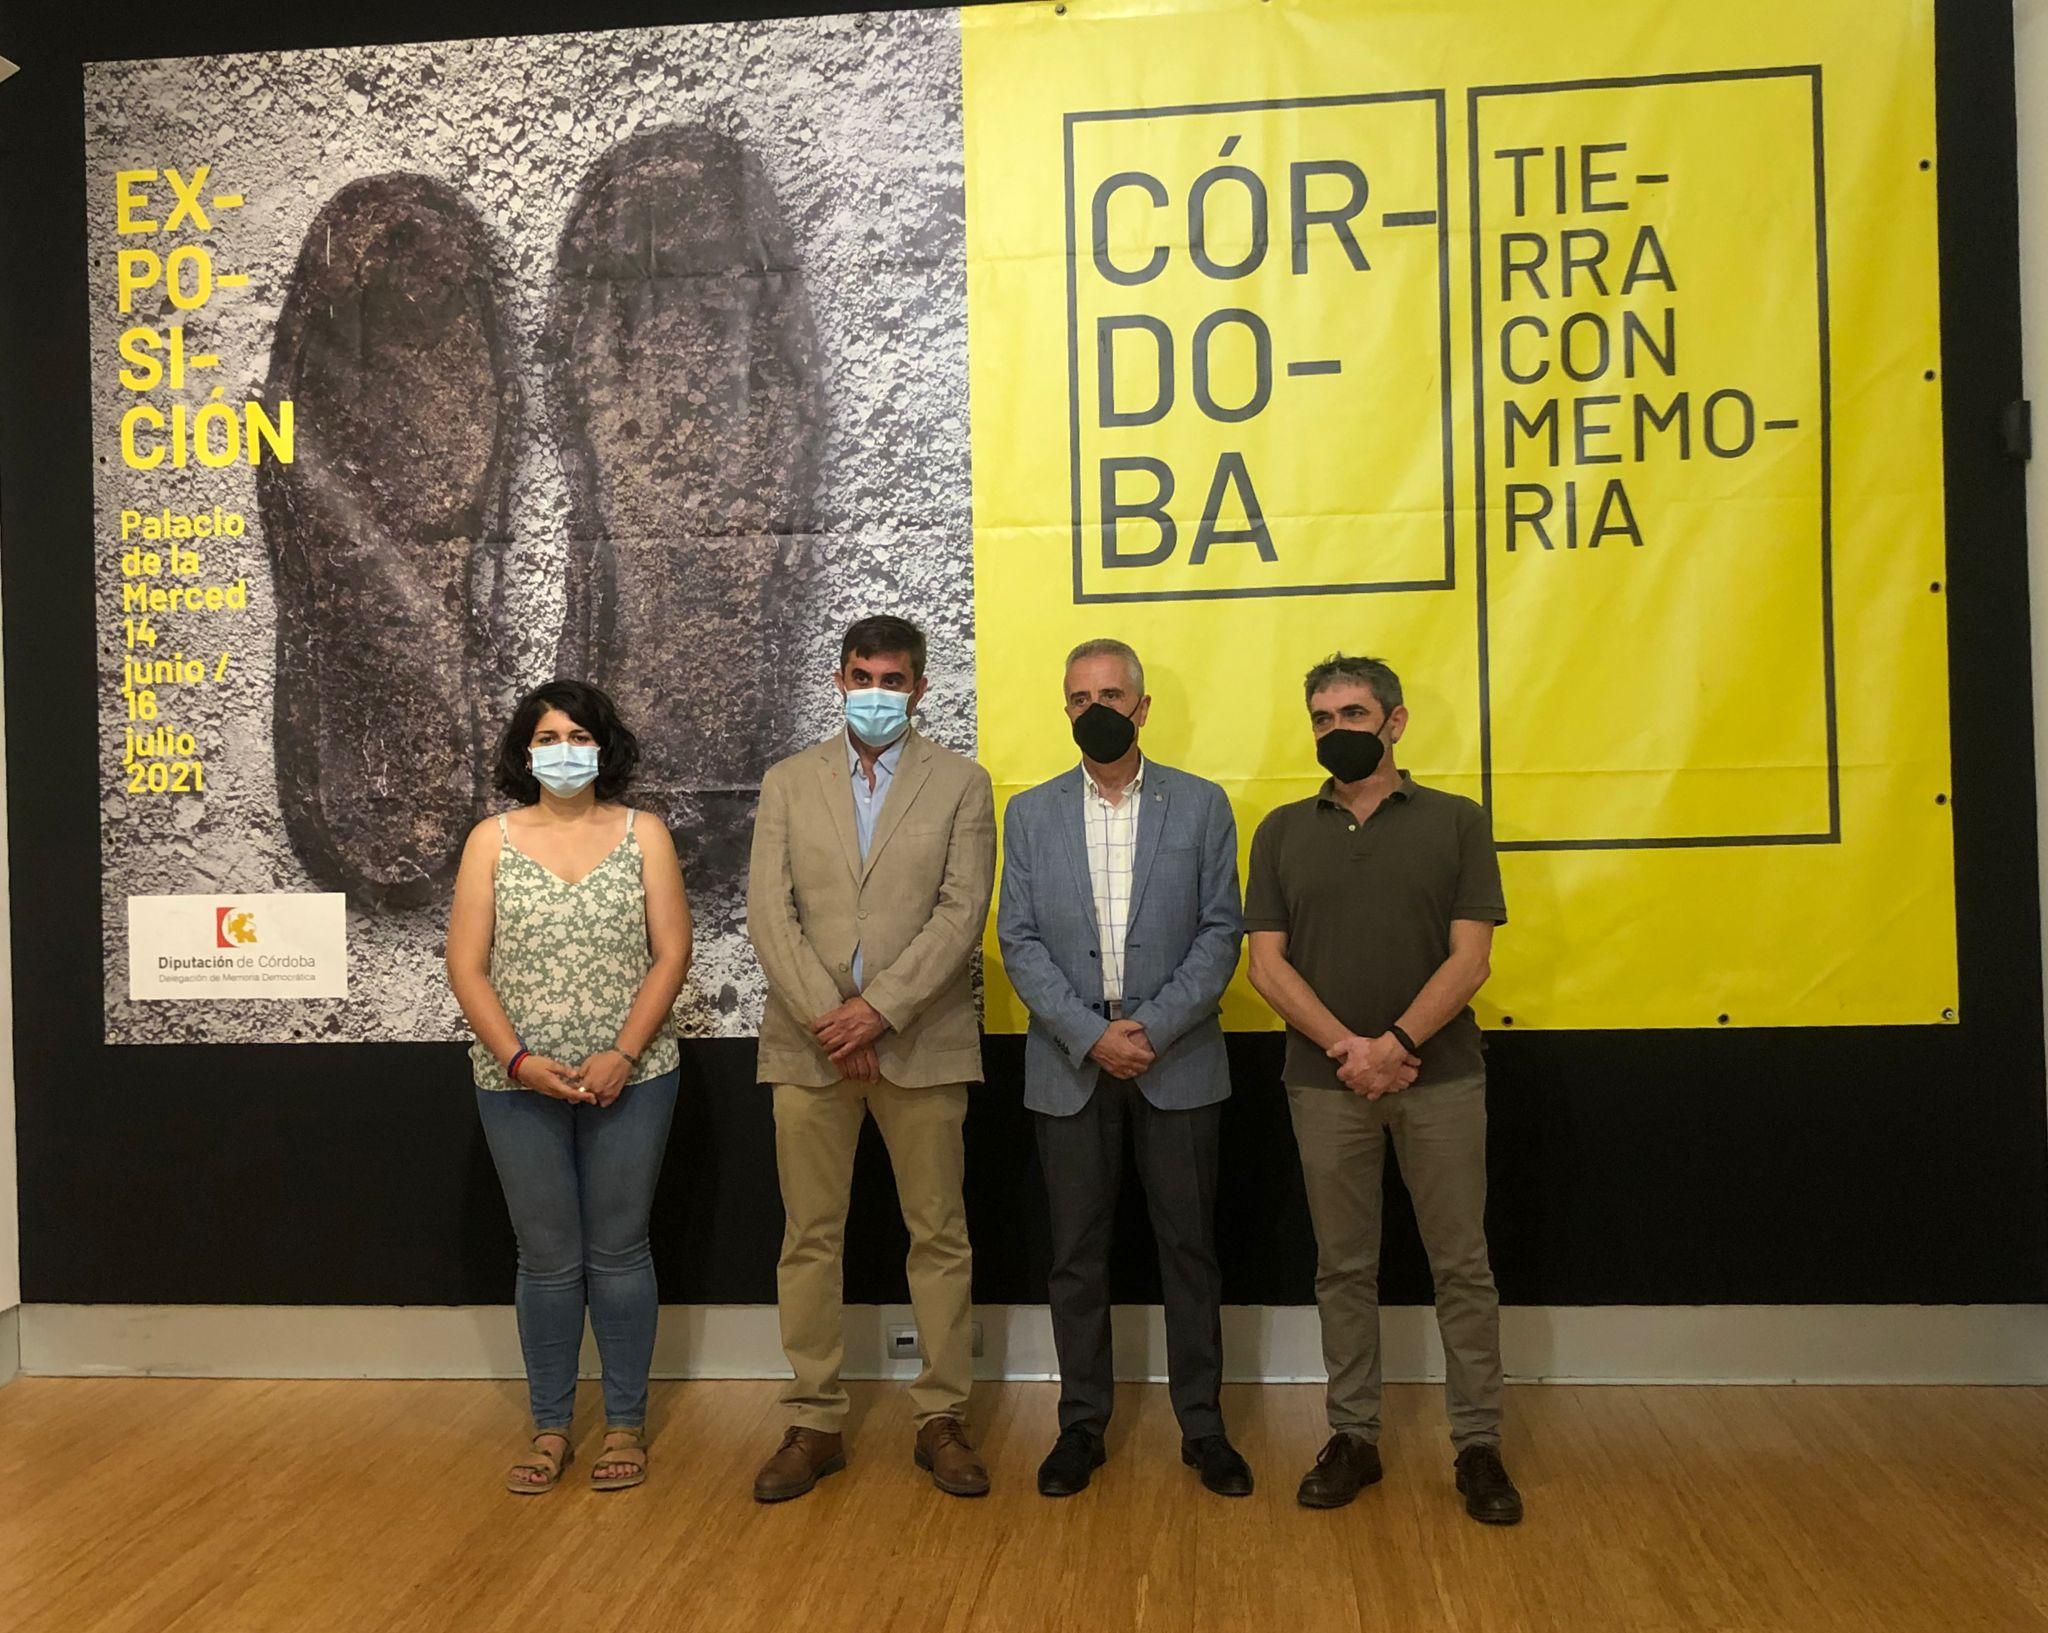 La exposición 'Córdoba, tierra con memoria' llega a Lucena, primera parada de su itinerario por varios municipios de la provincia